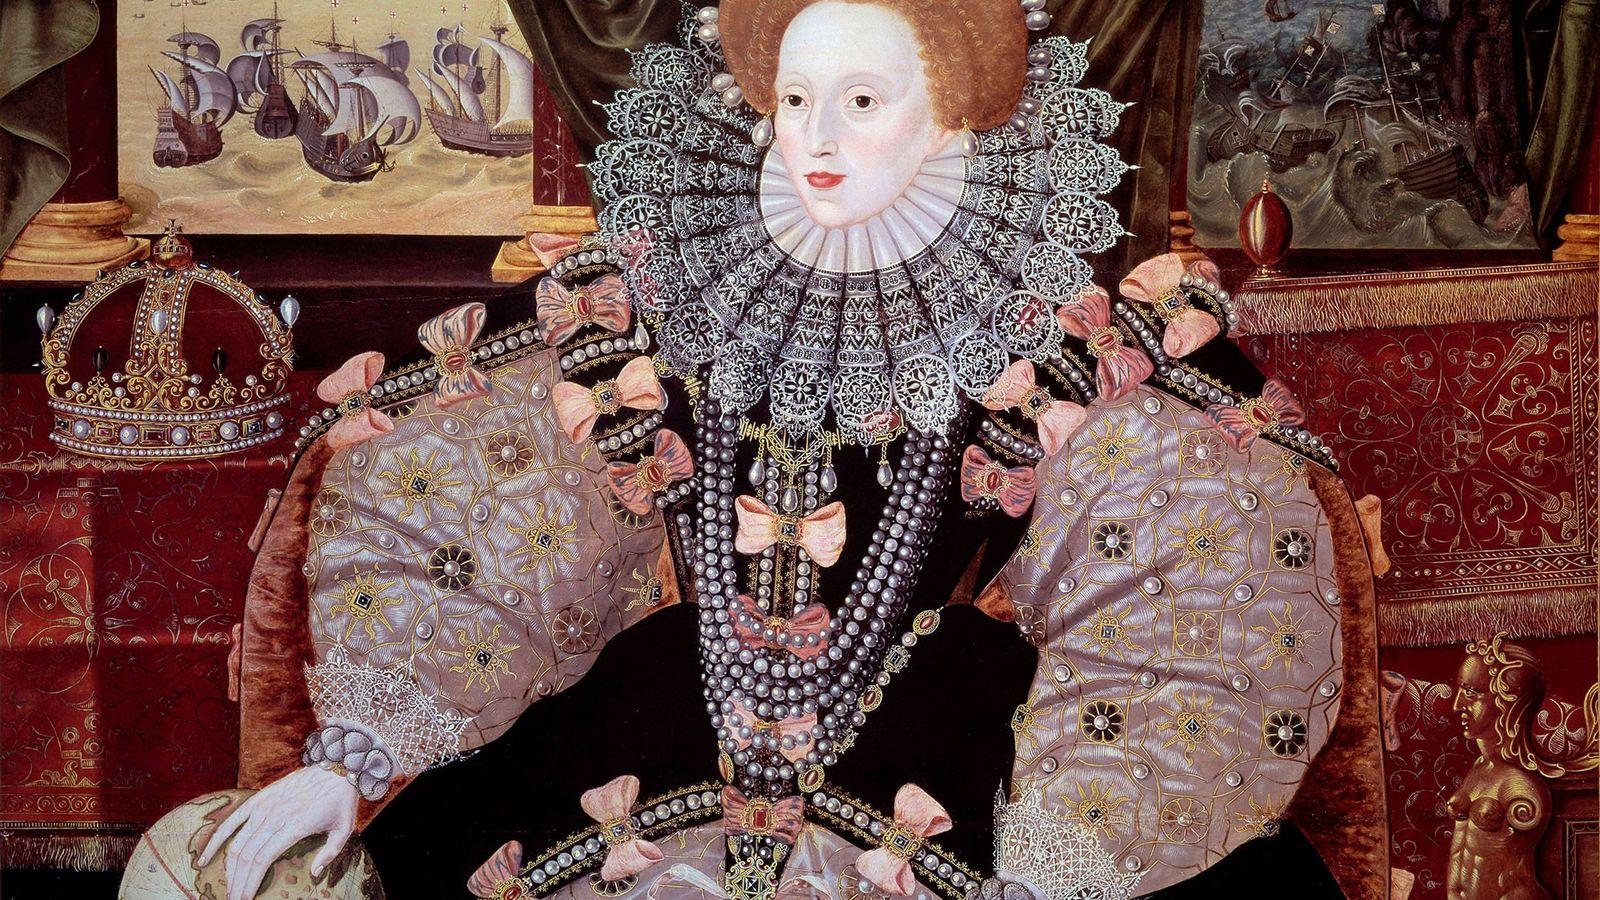 Nach dem Sieg über die spanische Armada erteilte Königin Elisabeth I. einen königlichen Freibrief, mit dem ...